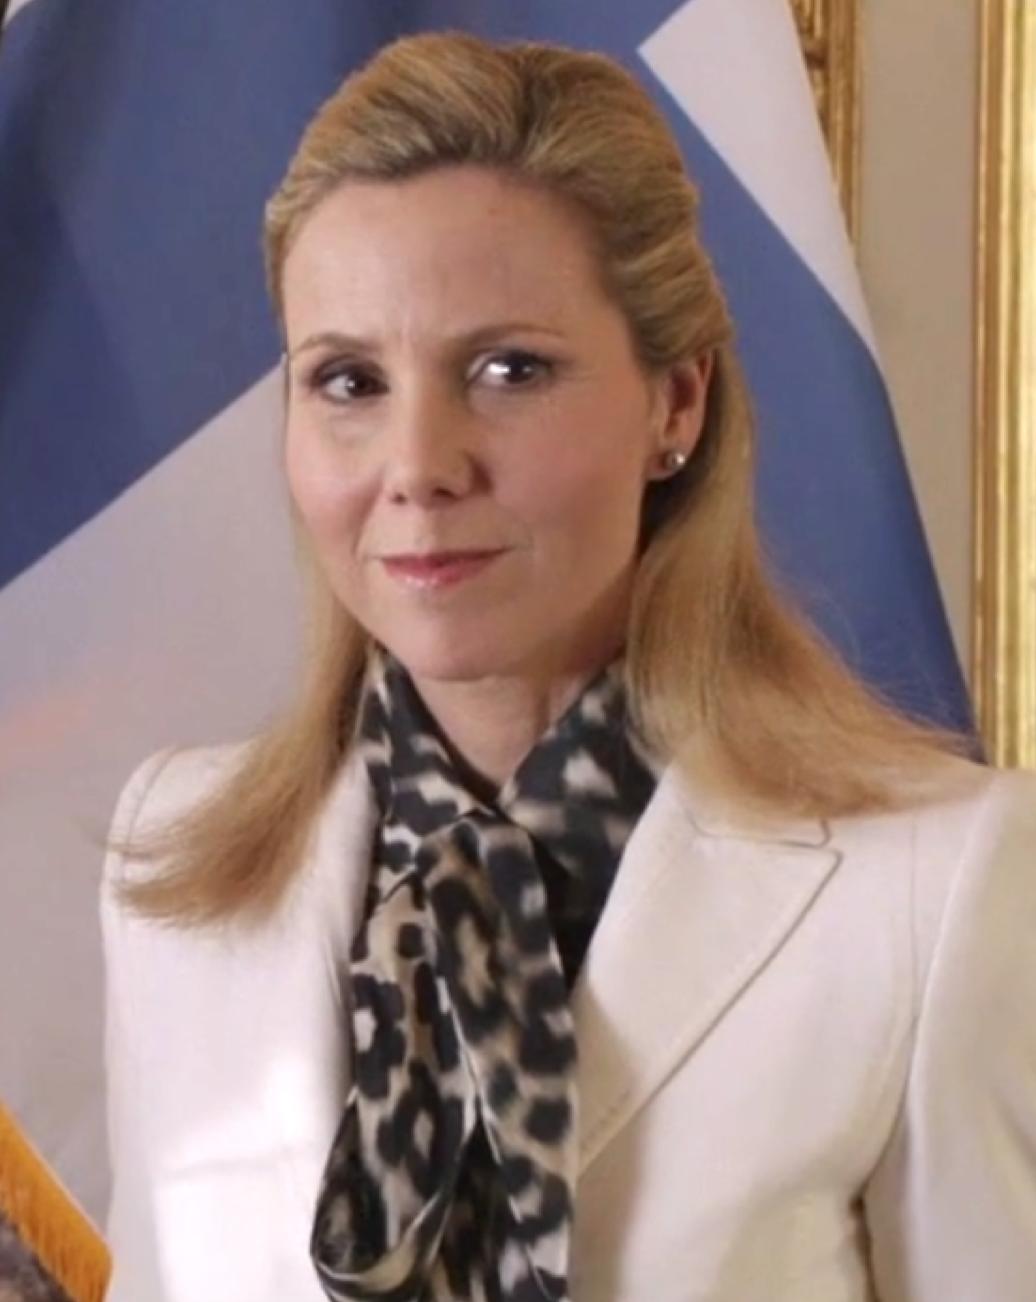 Minna Häkkinen